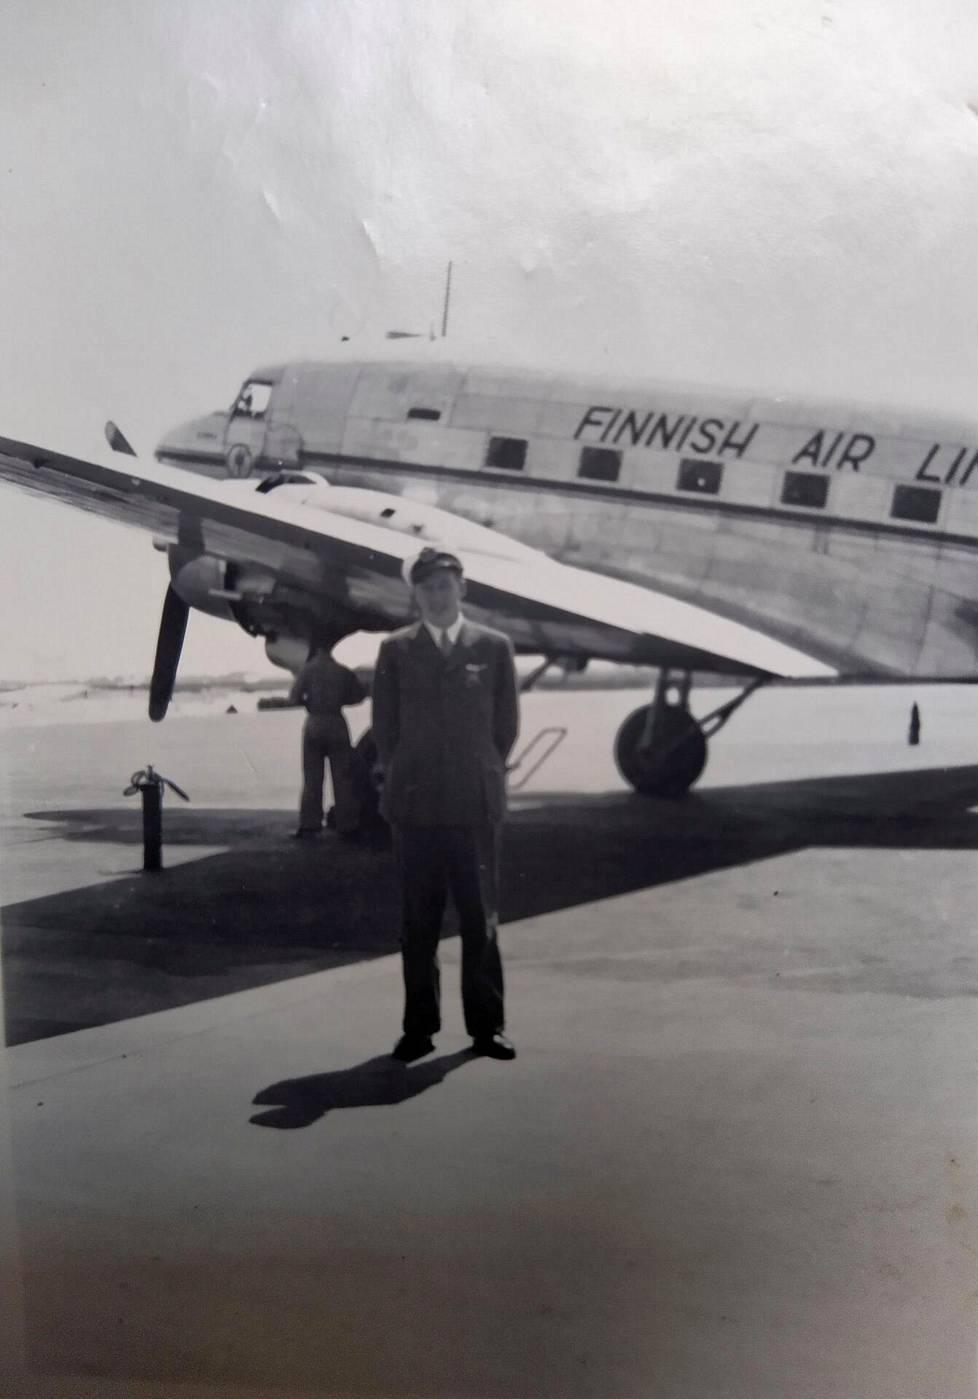 Mauri Maunula lentoperämiehenä Kastrupin kentällä Kööpenhaminassa kesällä 1948. Viimeinen vuosi, jolloin Finnairin lentäjien koppalakkeihin laitettiin kesäksi valkoinen irtopäällinen.